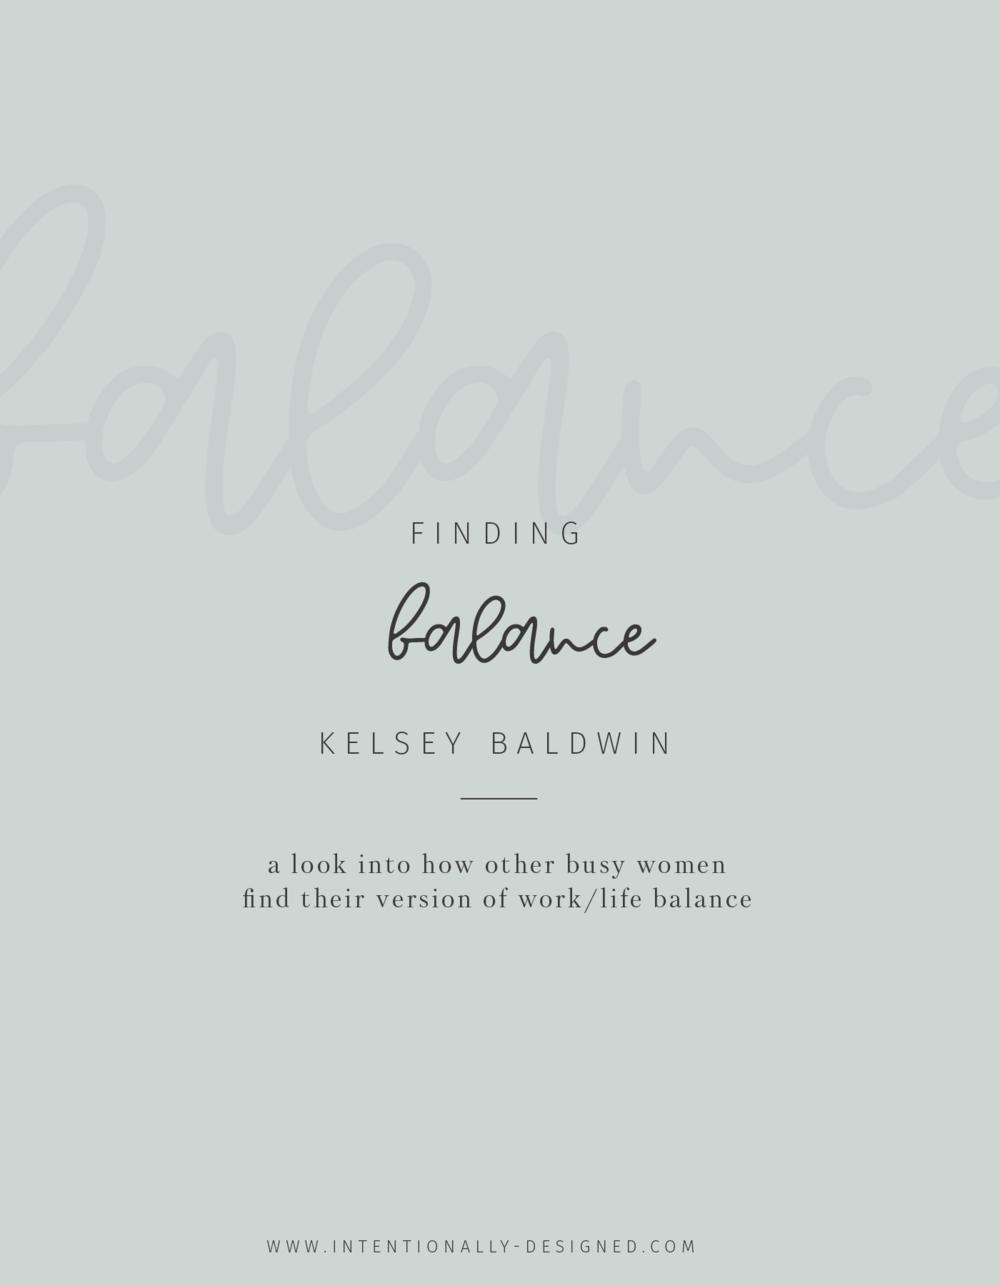 Finding Balance with Kelsey Baldwin